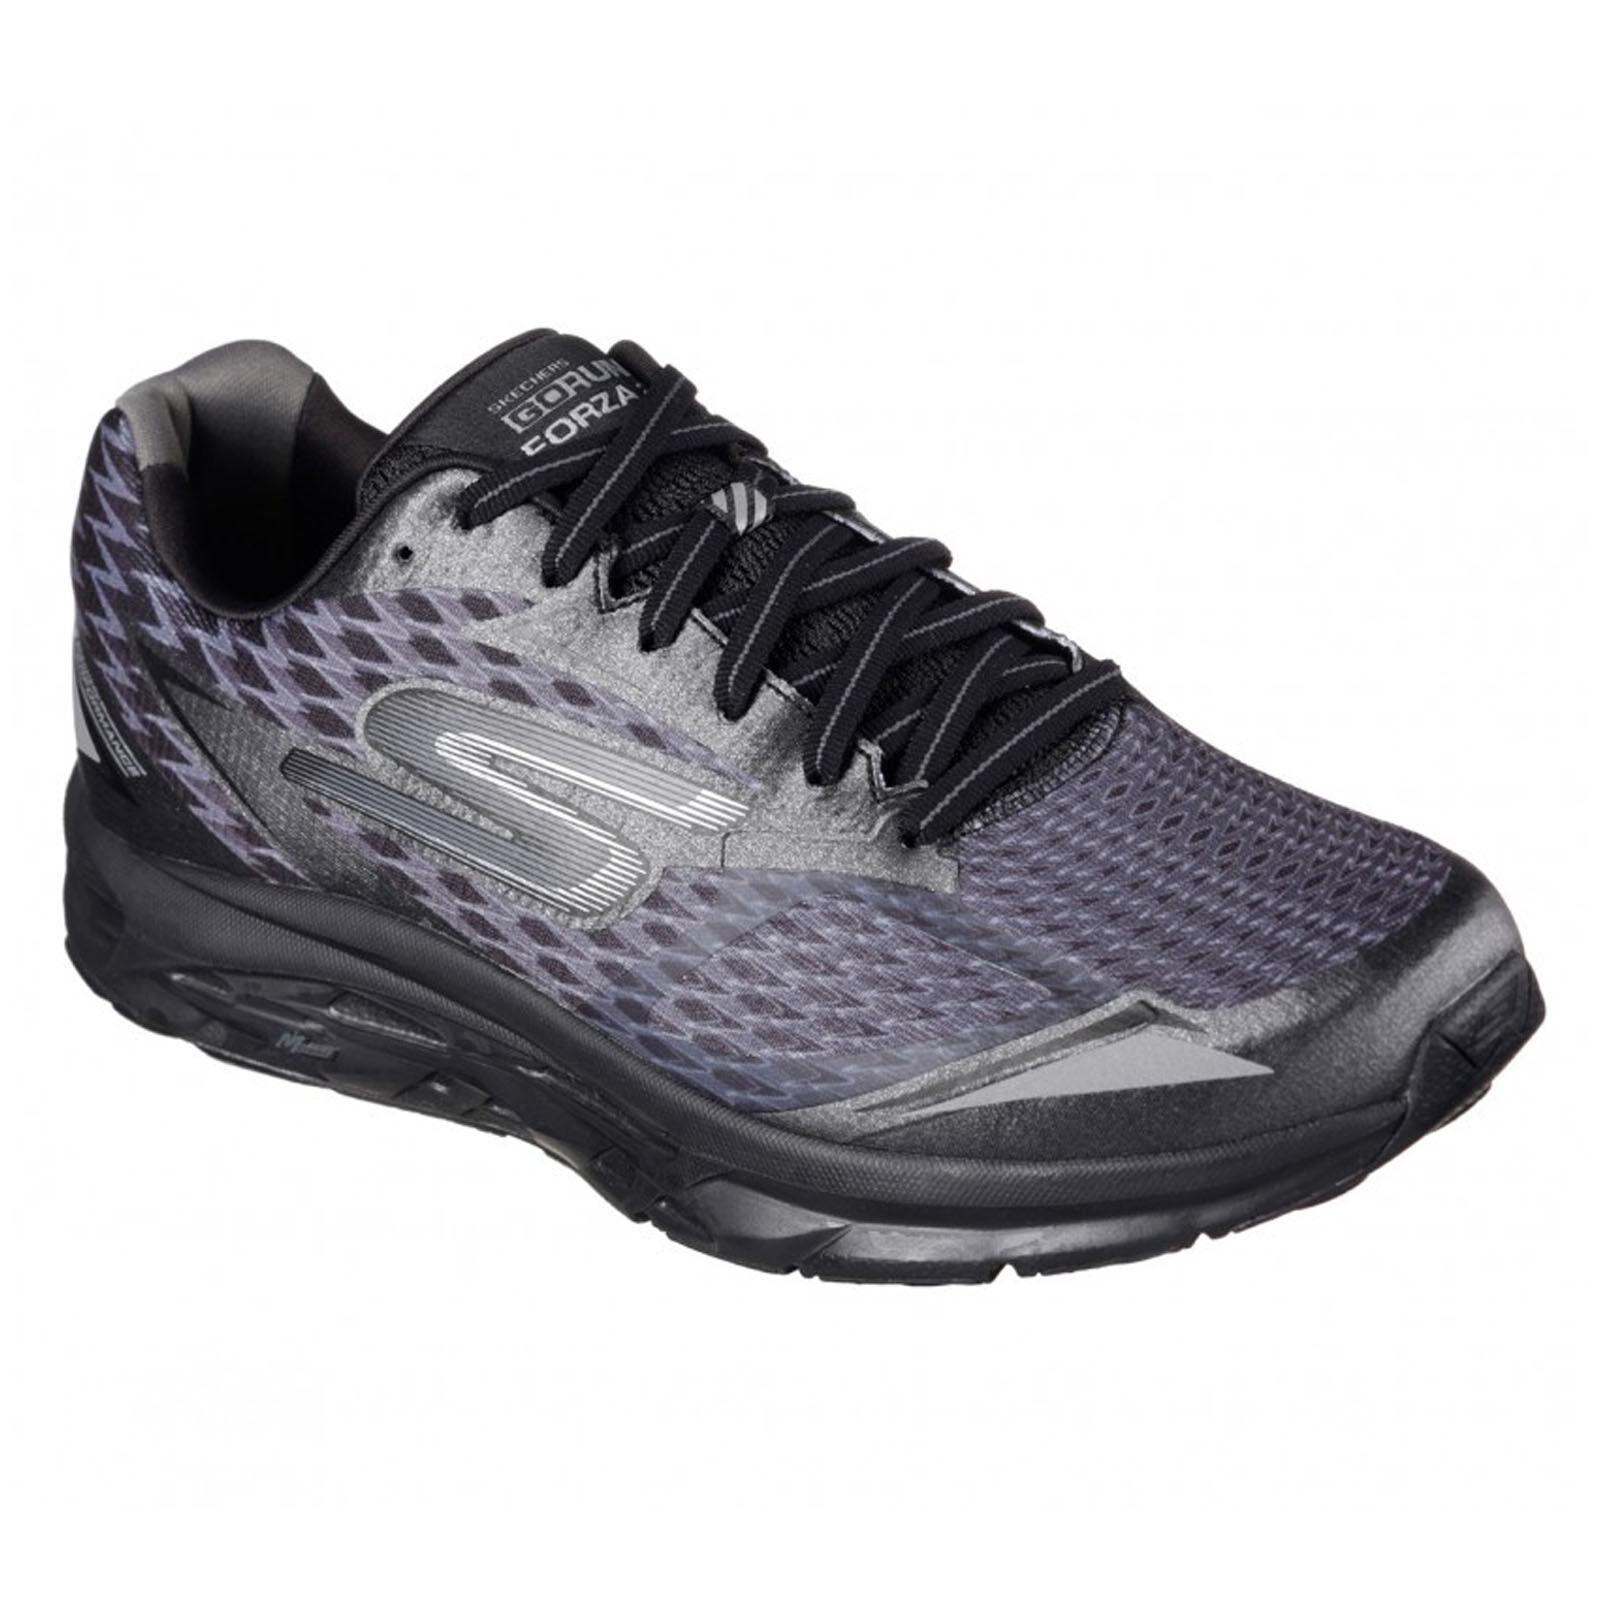 39b90c9454b Skechers GoRun Forza 2 Trainers Mens Sports Running Memory Foam Training  Shoes